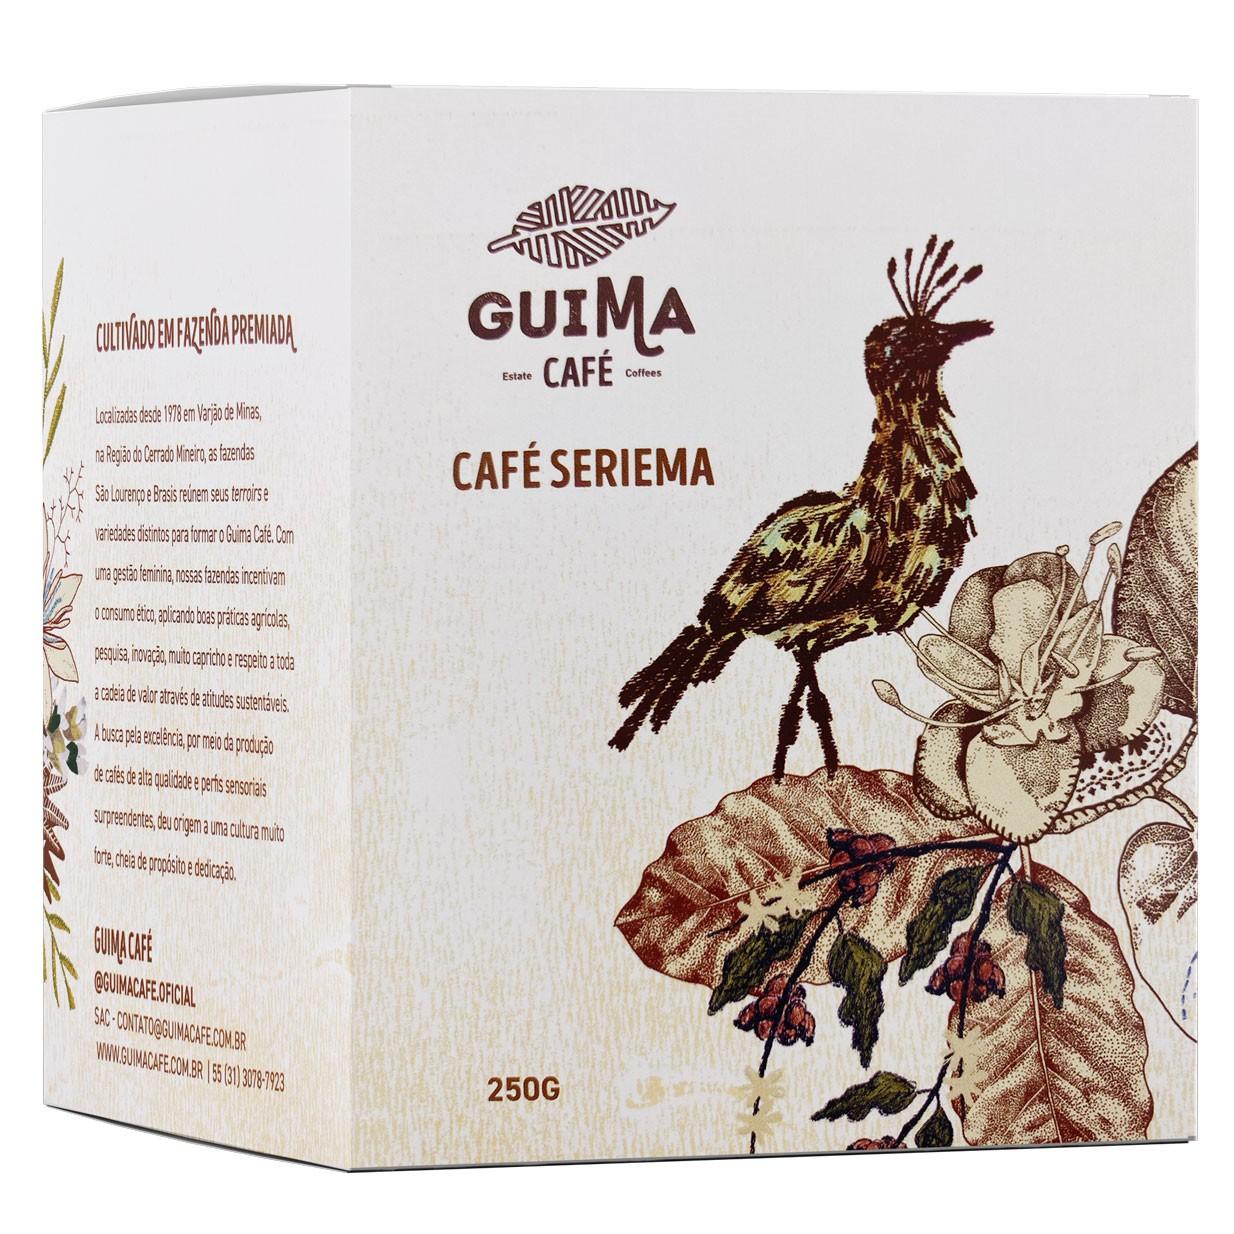 Guima Café - Seriema